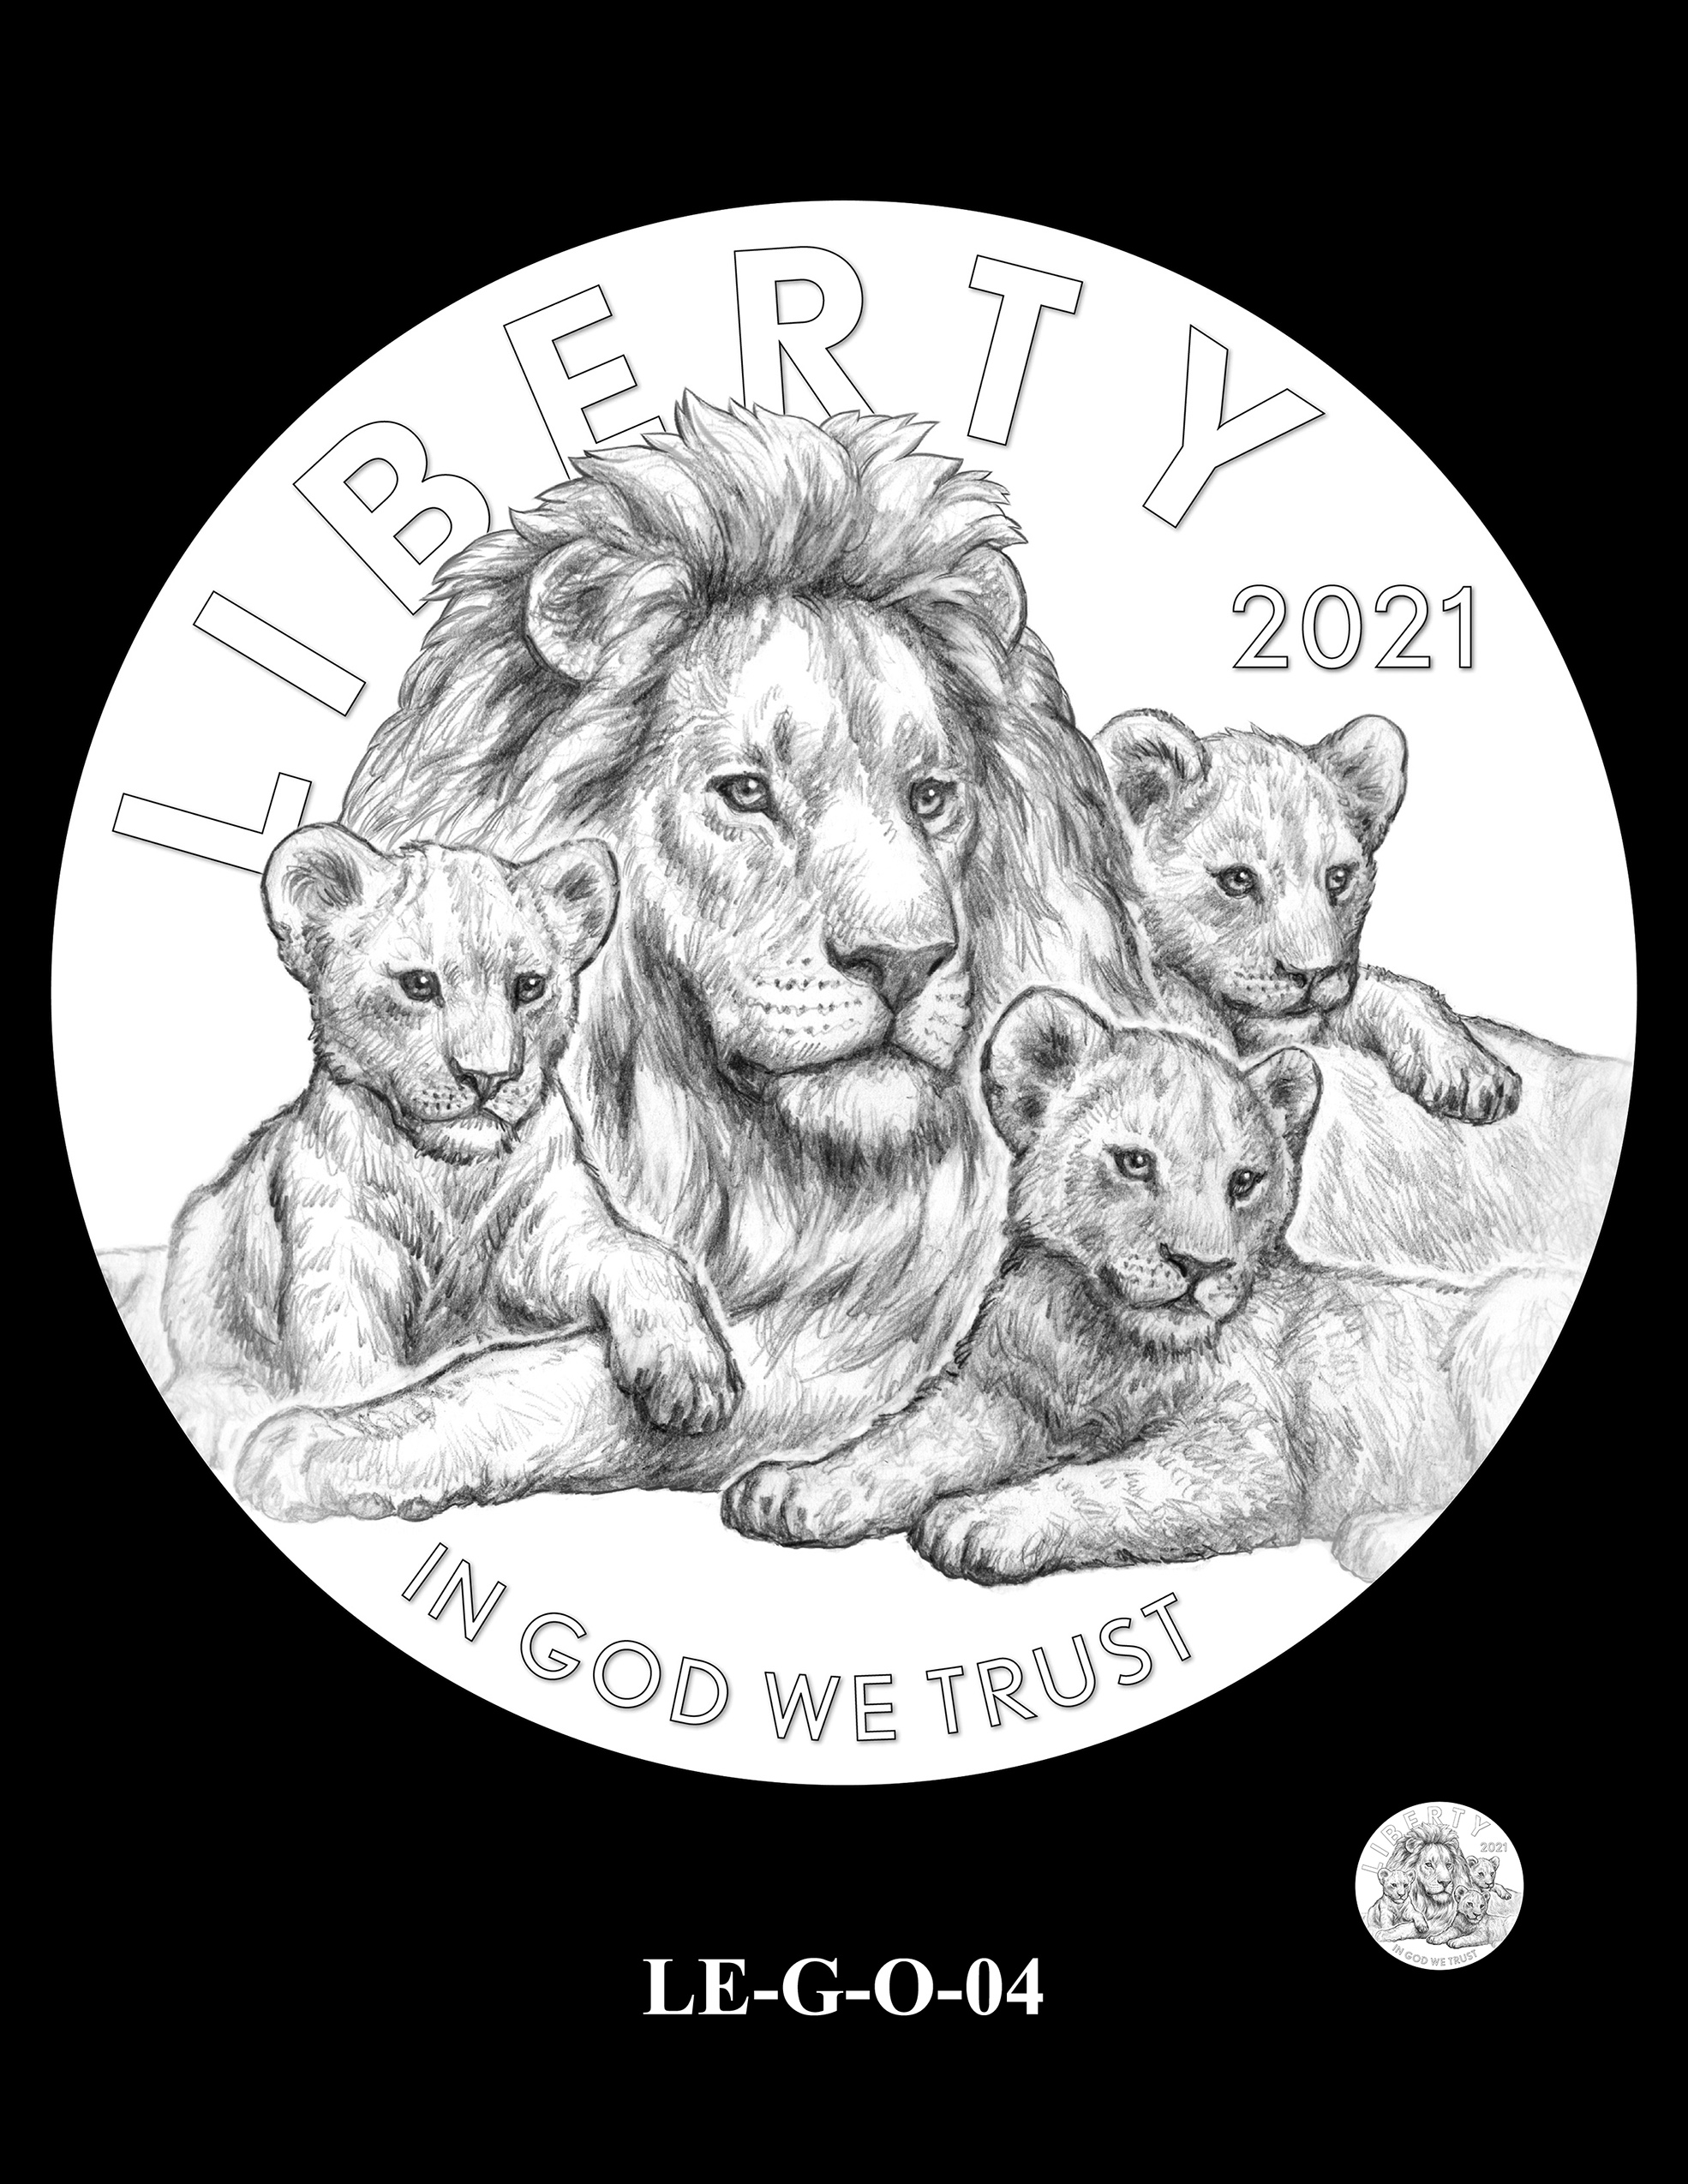 LE-G-O-04 -- National Law Enforcement Museum Commemorative Coin Program